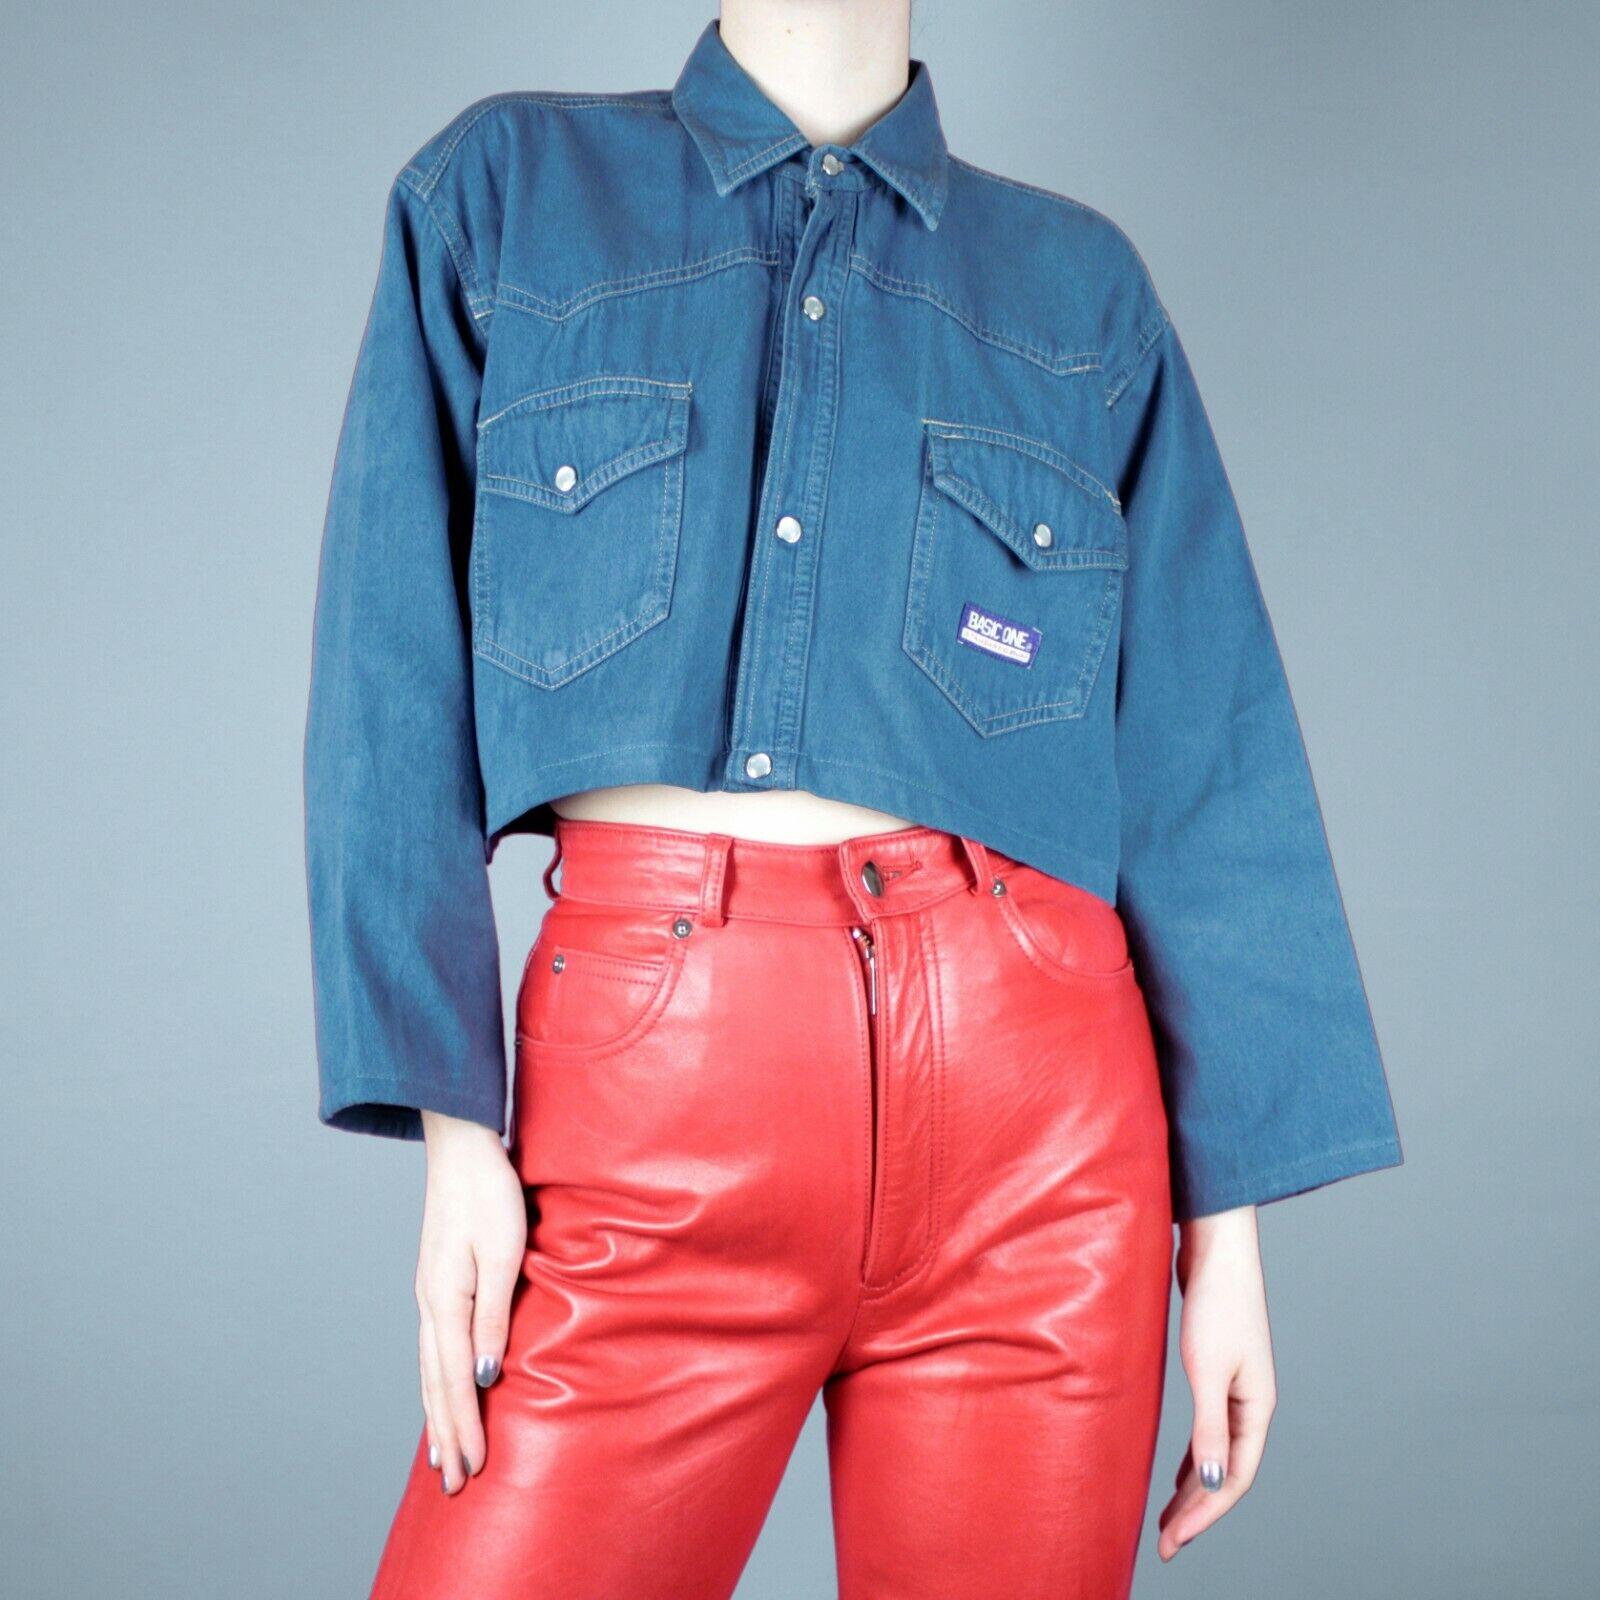 VINTAGE 90s 80s Blue Cotton Womens Crop Beige Grunge Retro Shirt Top M 12 14